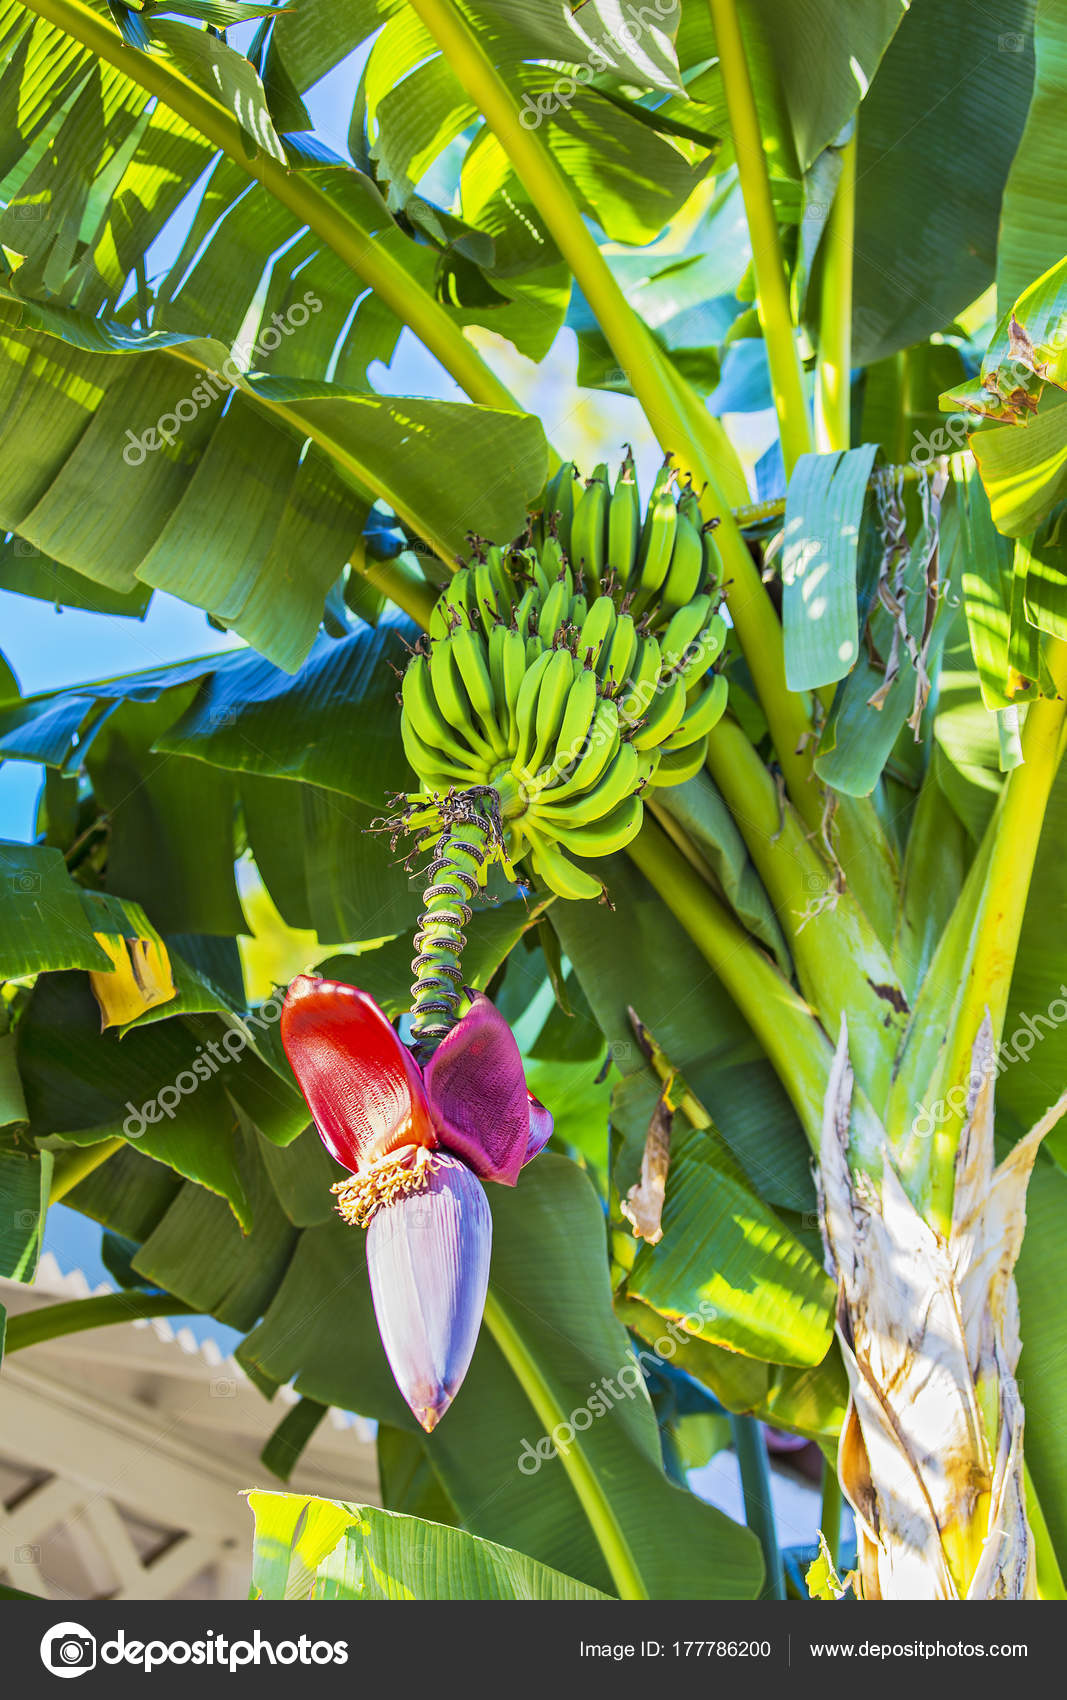 fleur de bananier et tas de bananes. fleur de banane rouge sur un